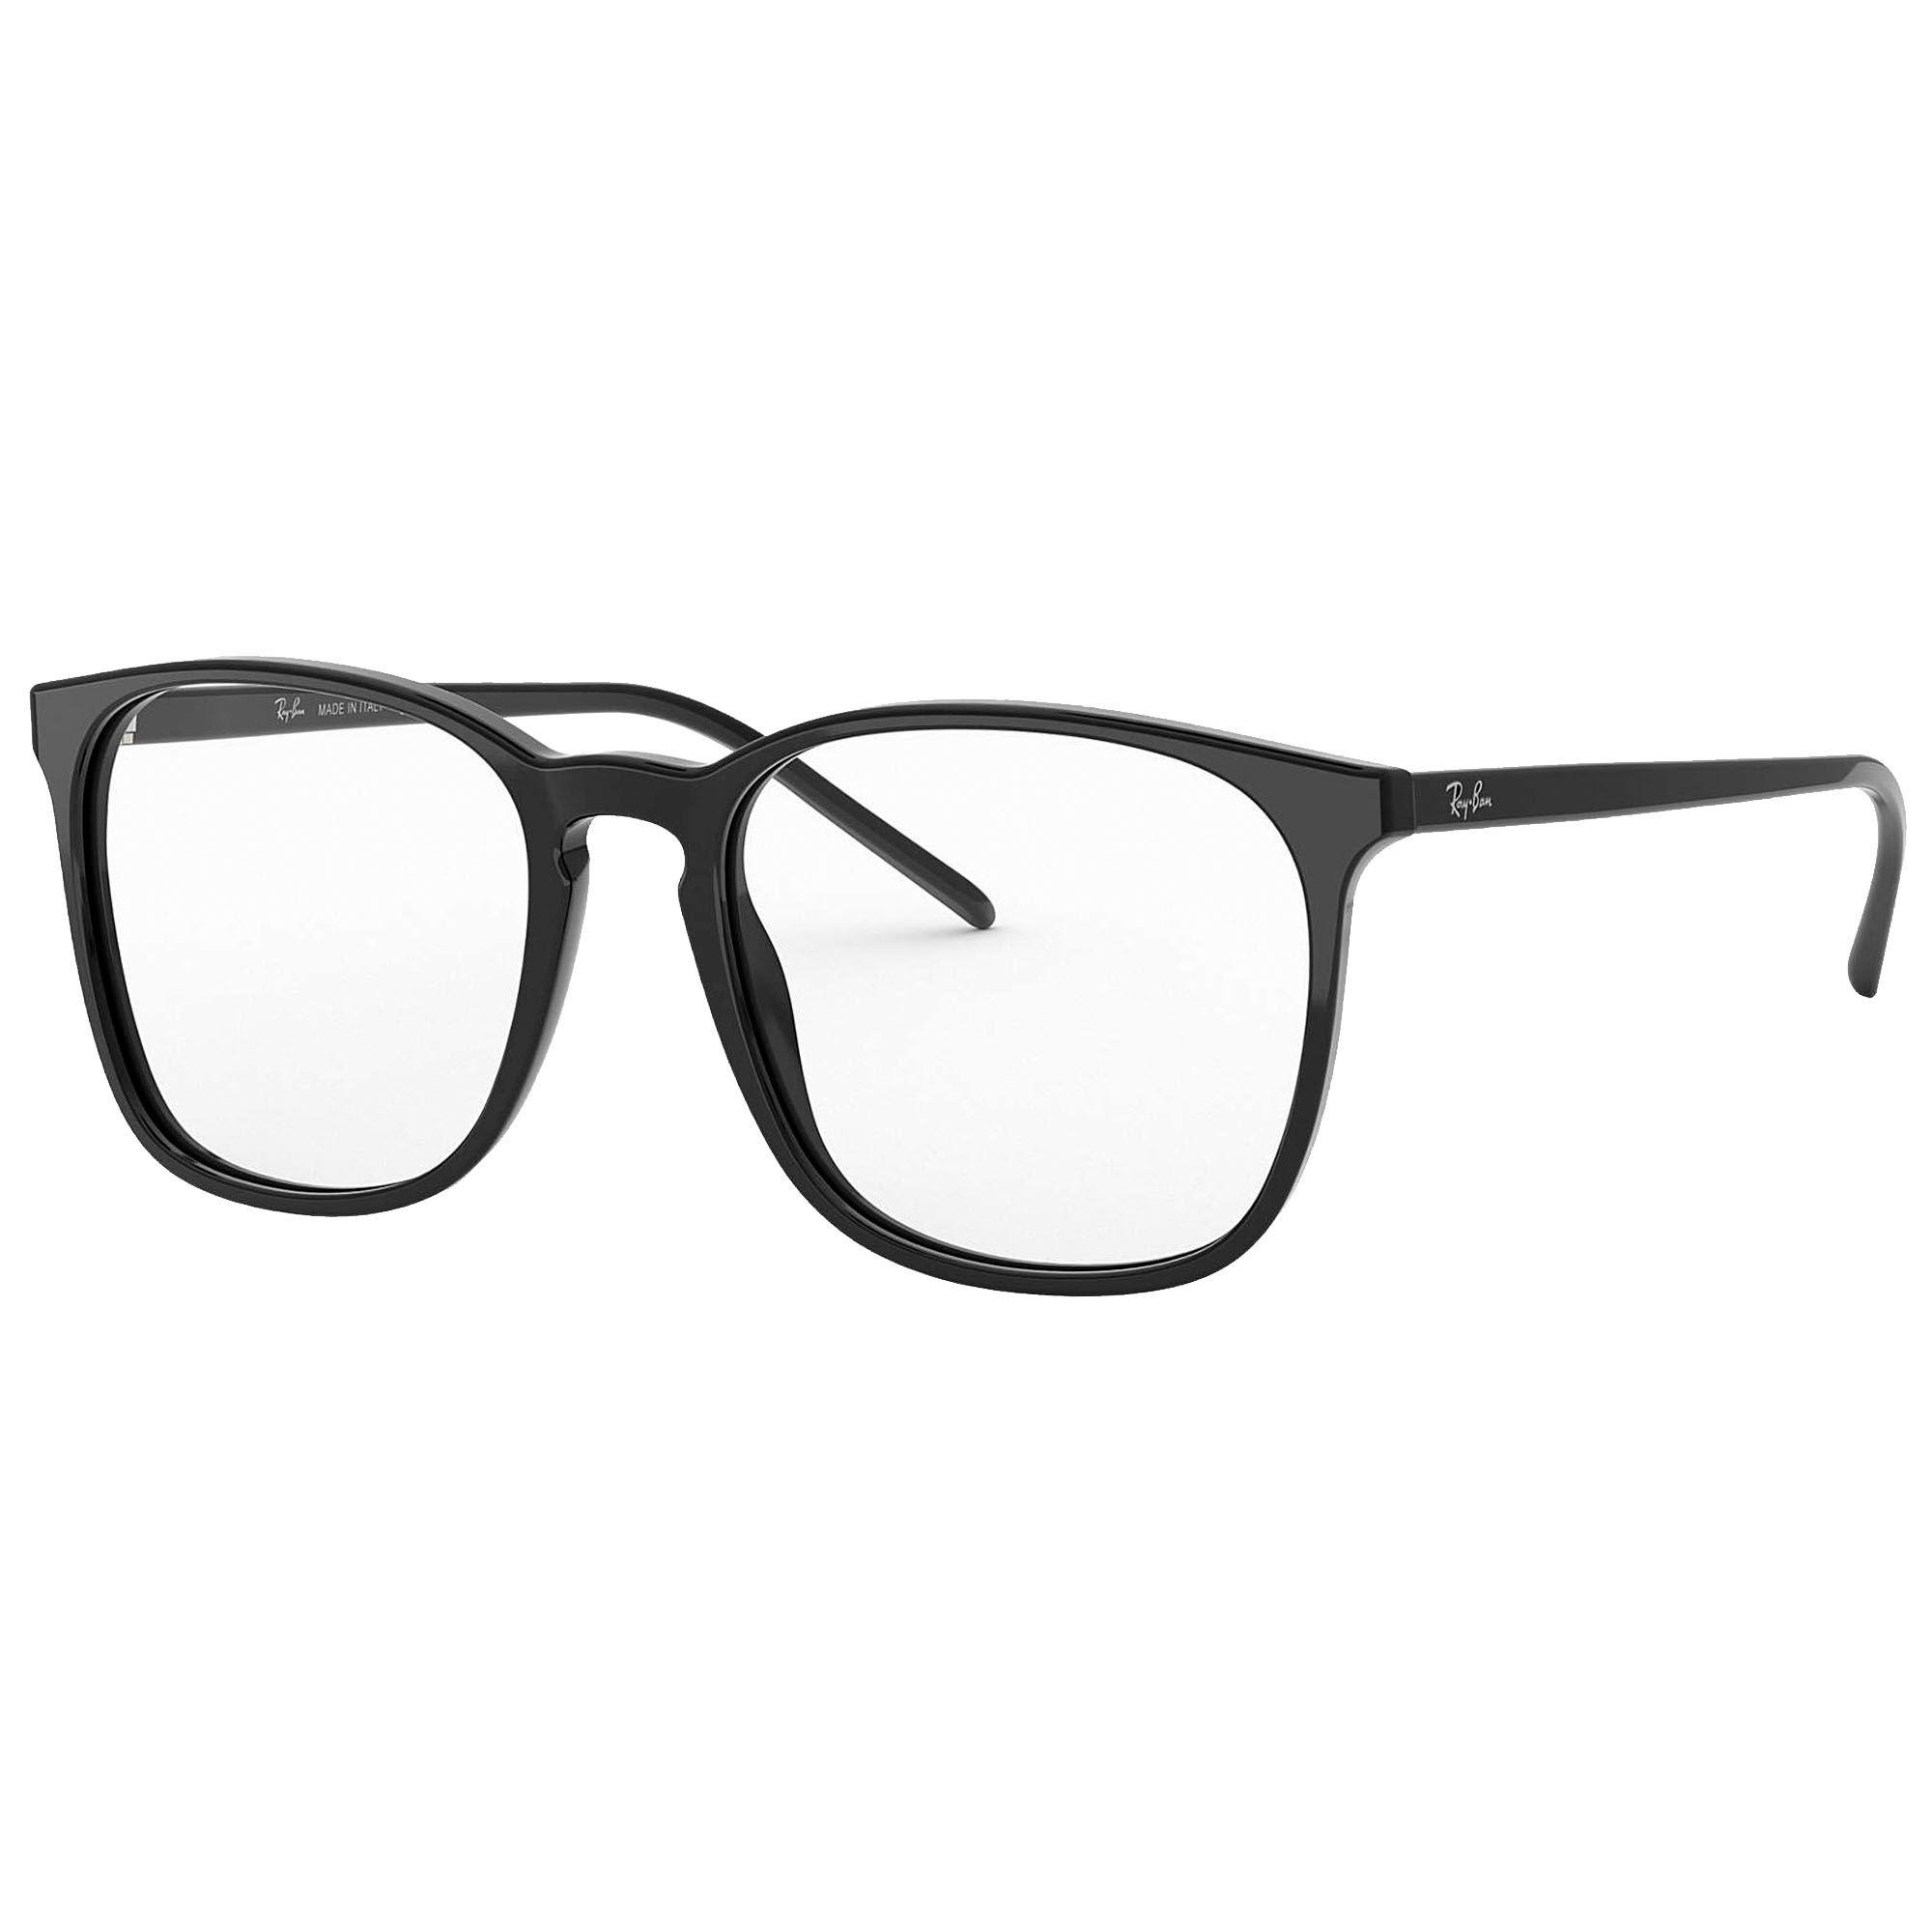 Óculos de Grau Unissex Ray-Ban RB5387 2000 54-18